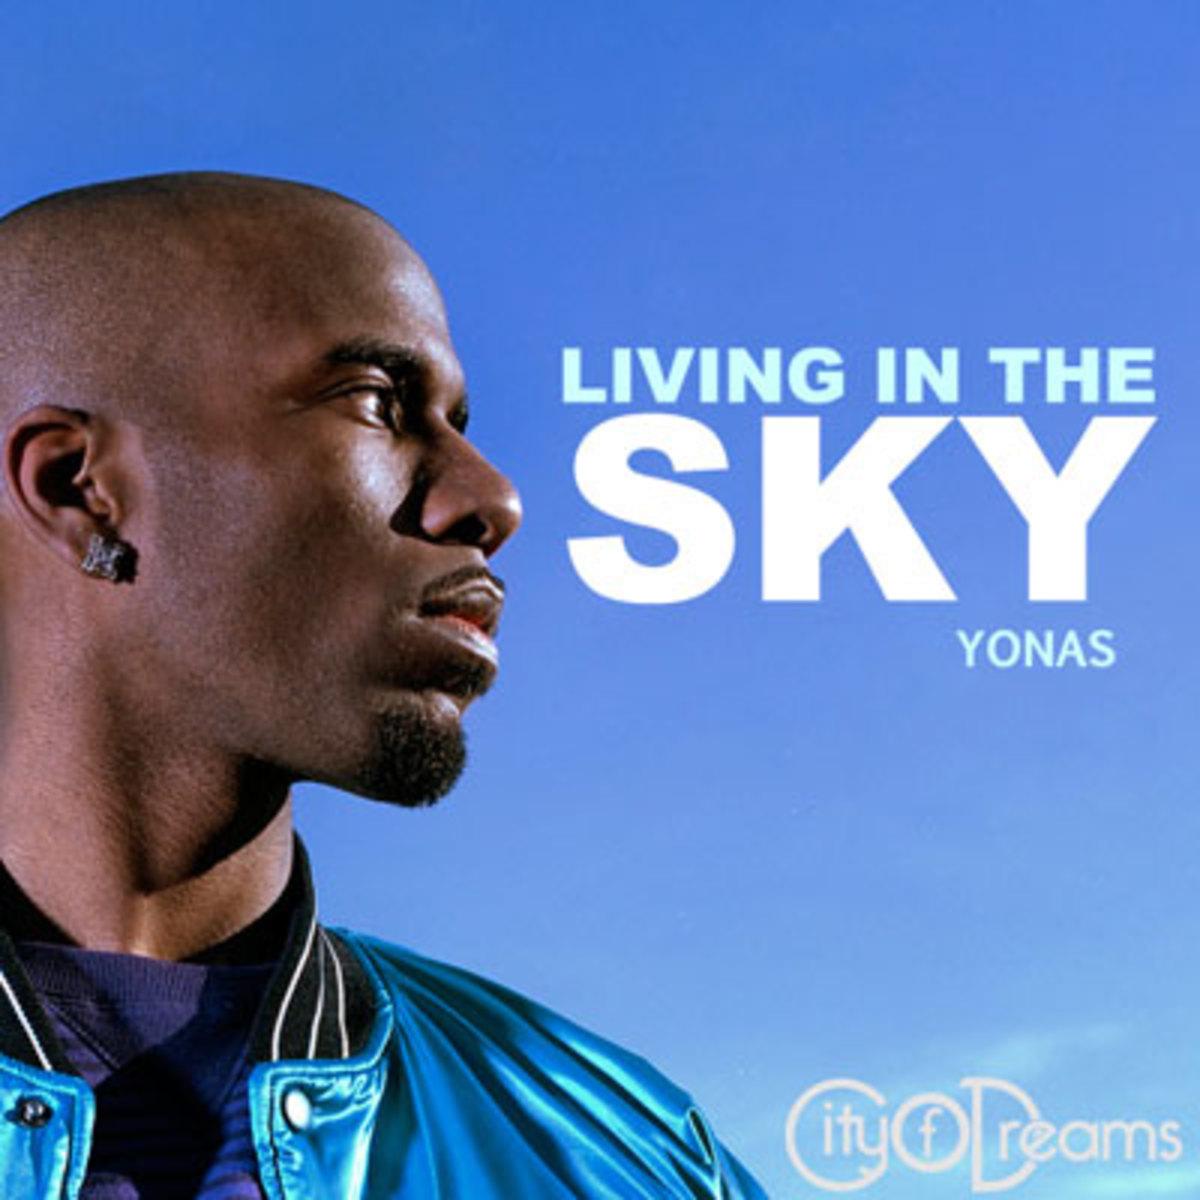 yonas-livinginthesky.jpg